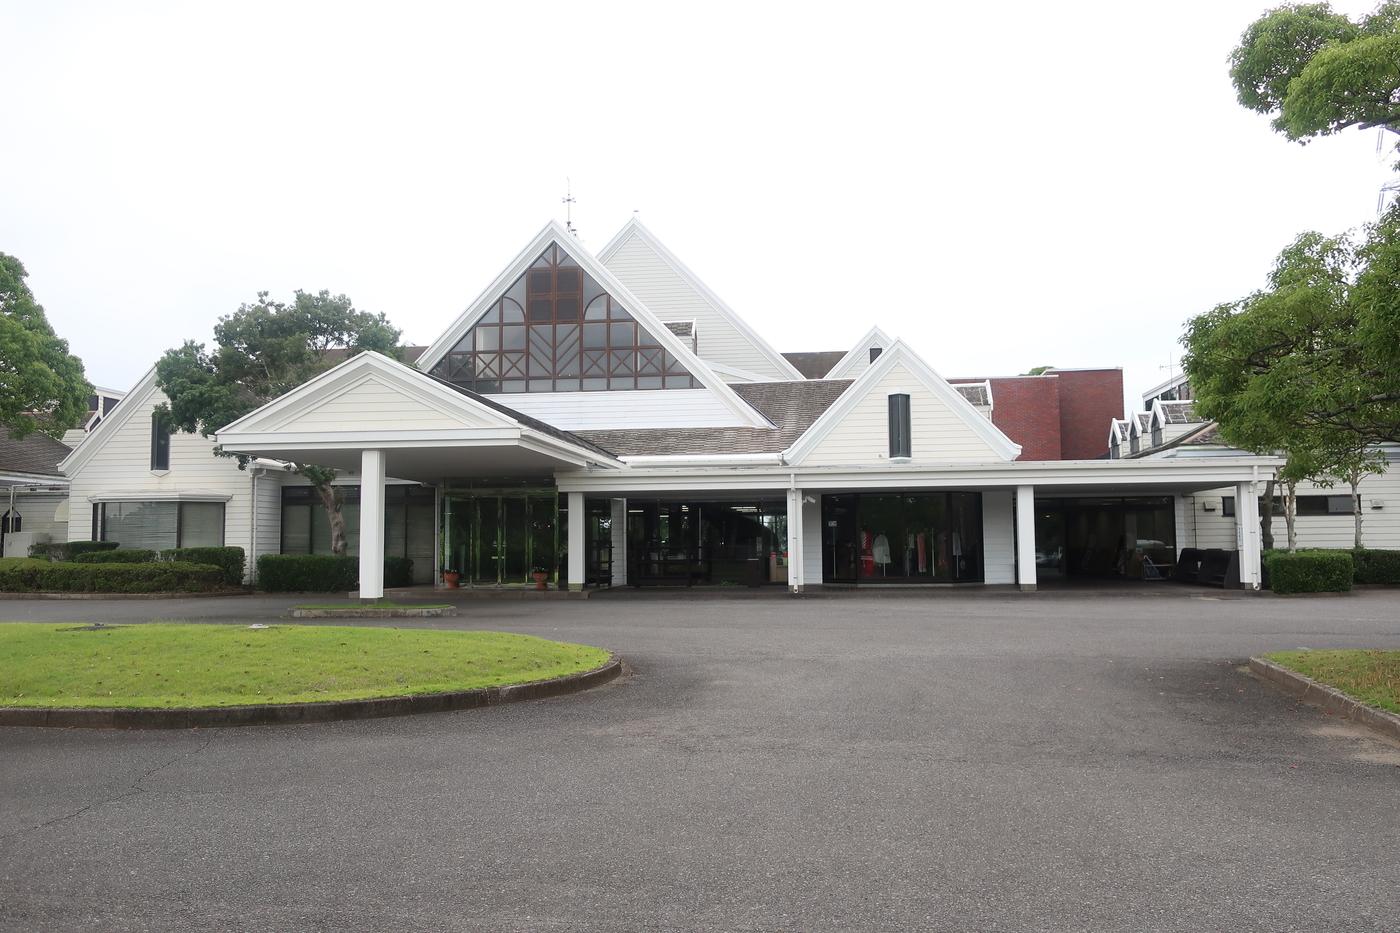 ゴルフ 空港 倶楽部 国際 東京